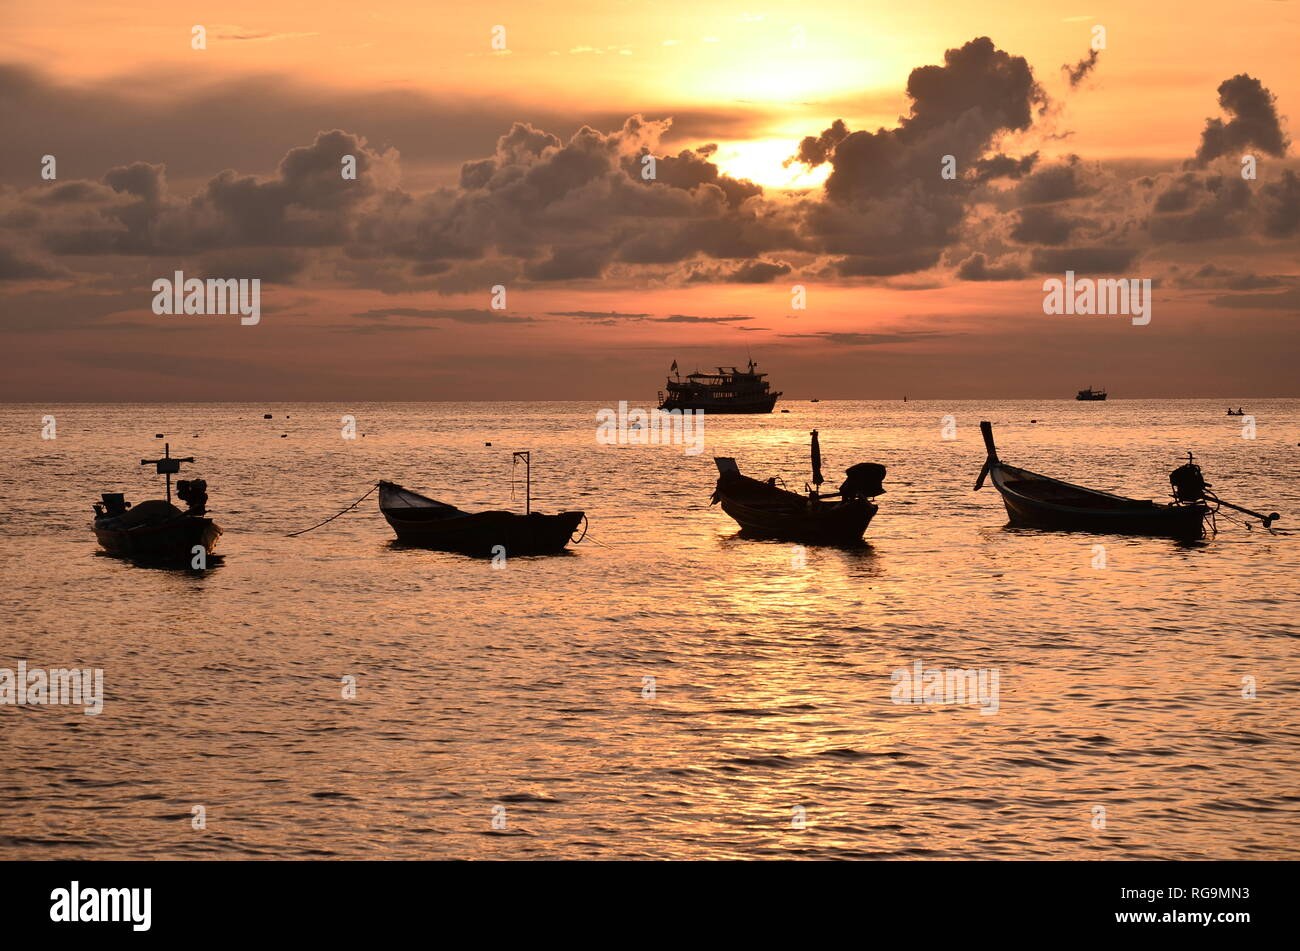 Fischerboote im Meer in Thailand parken im Sonnenuntergang - Stock Image